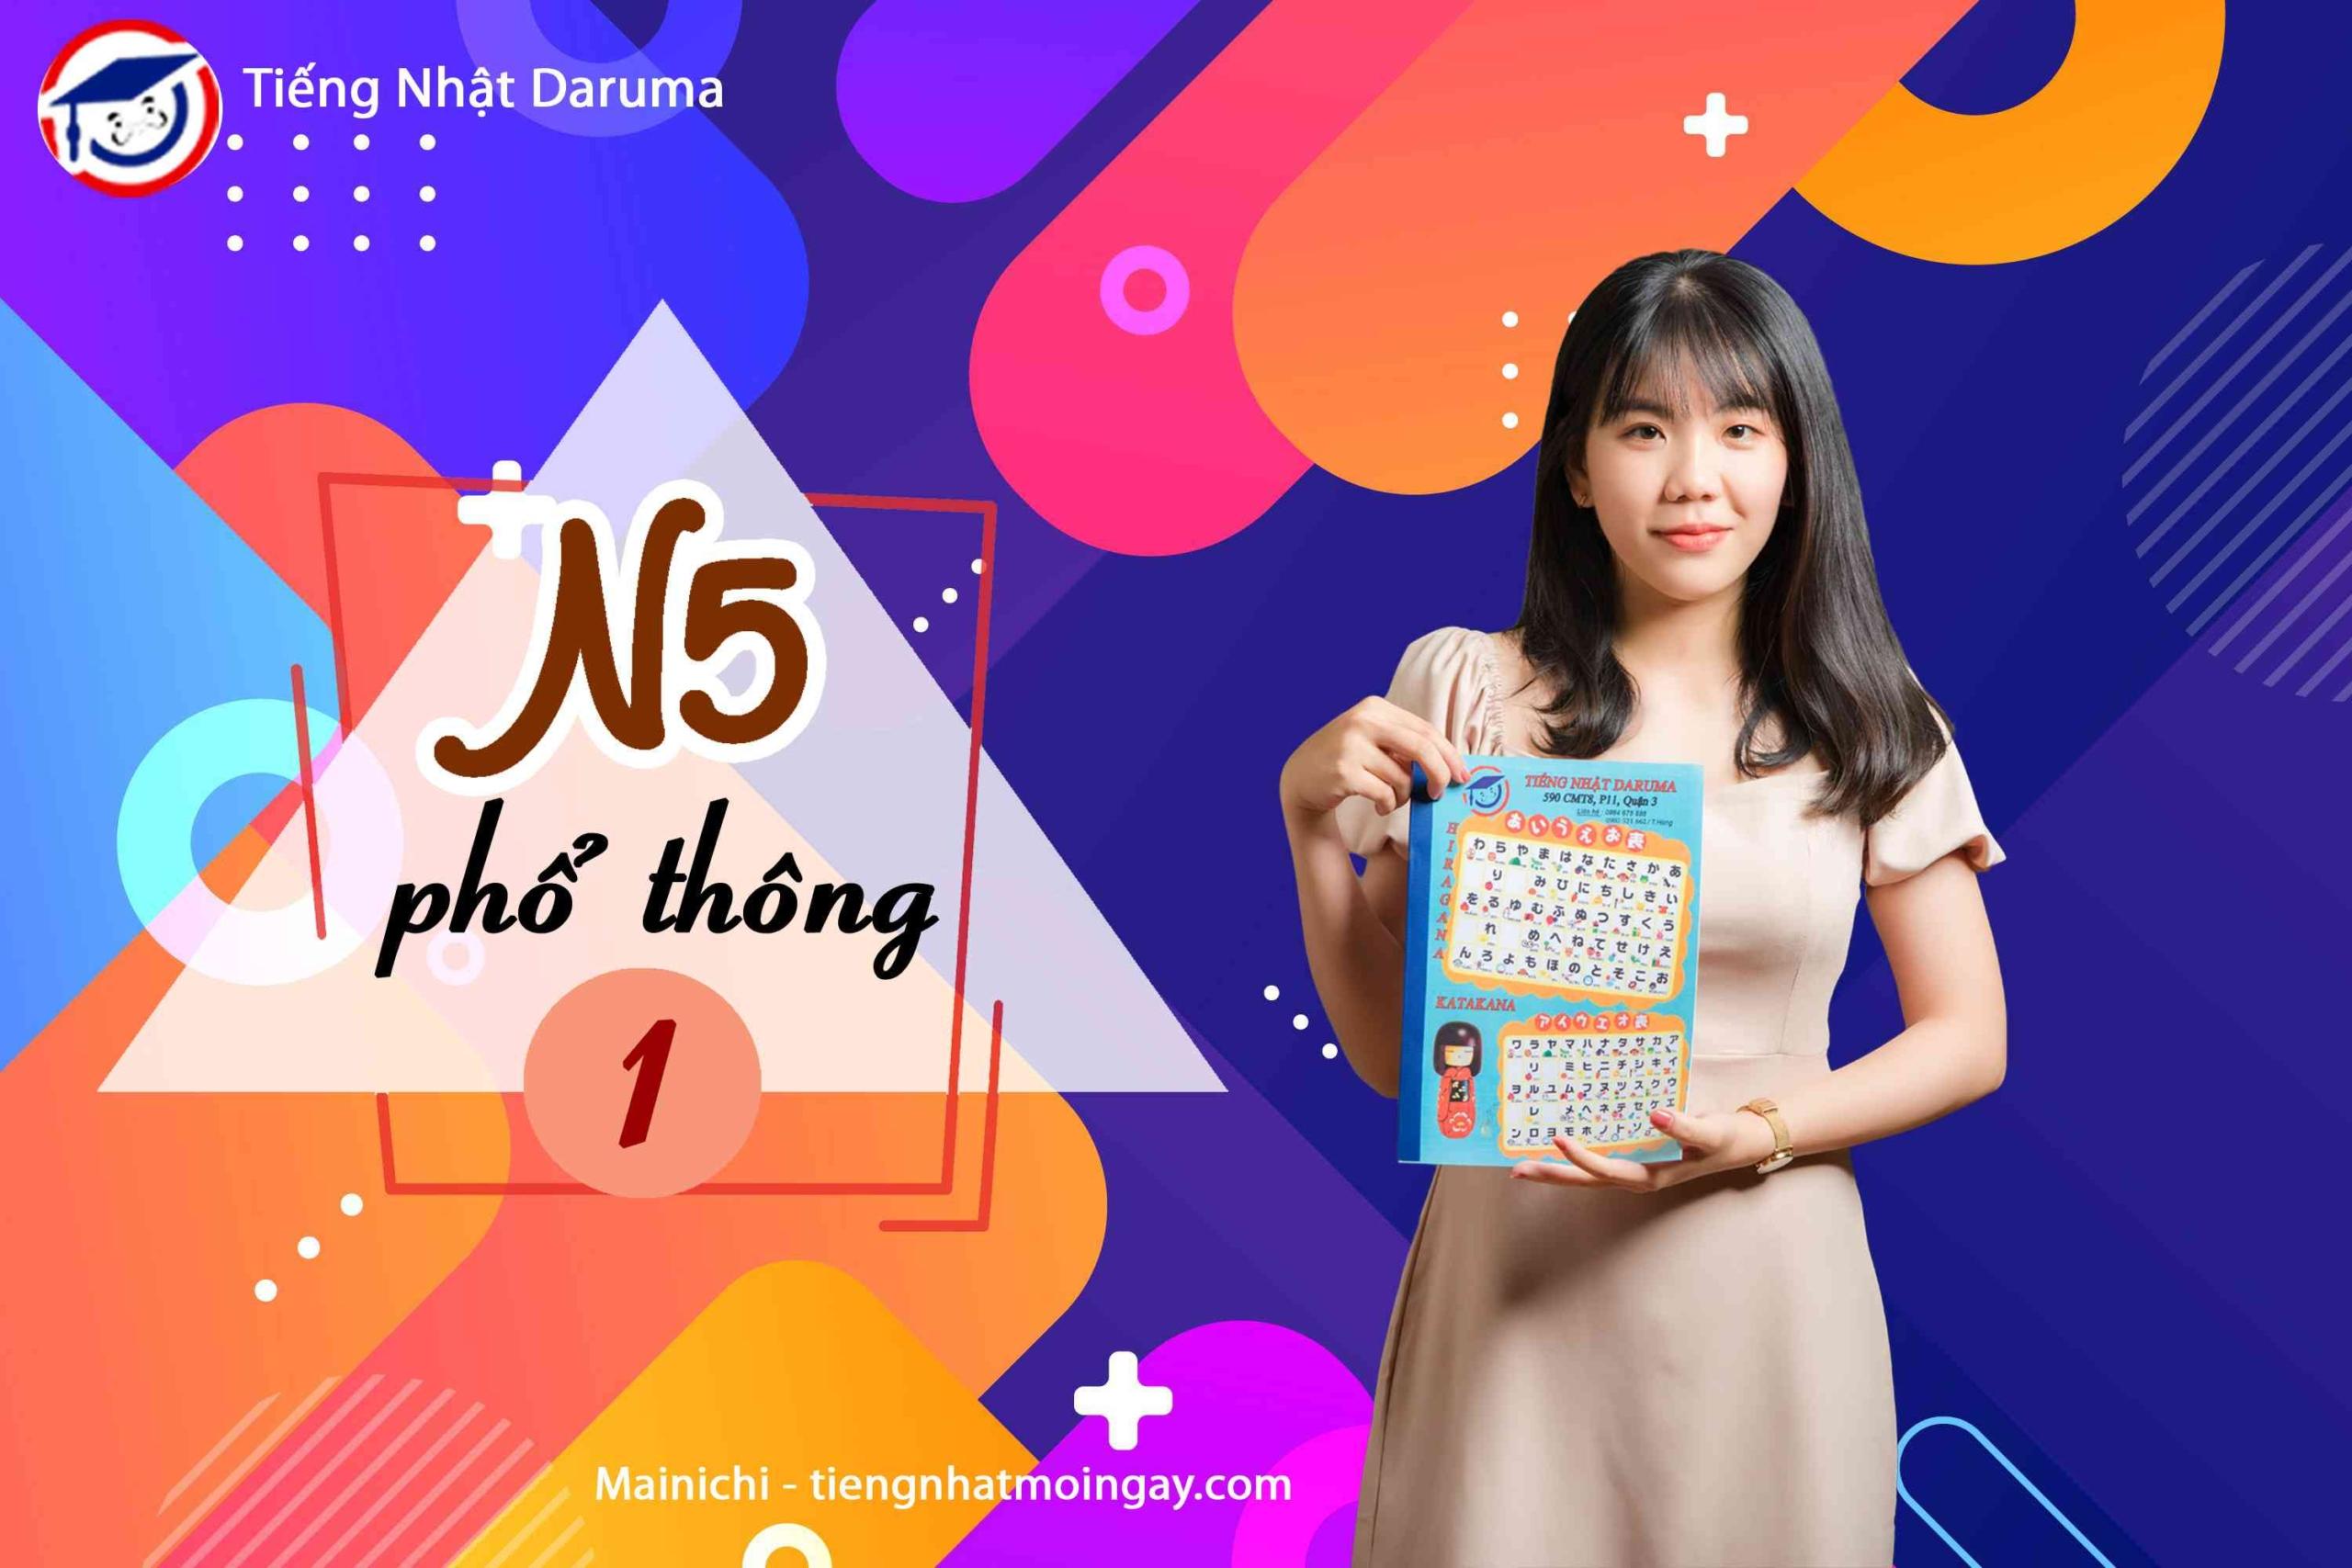 N5 phổ thông 1